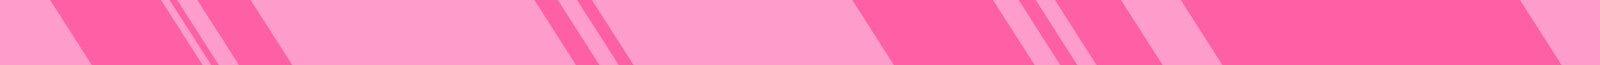 Rosa band, internationellt symbol av bröstcancermedvetenhet stock illustrationer